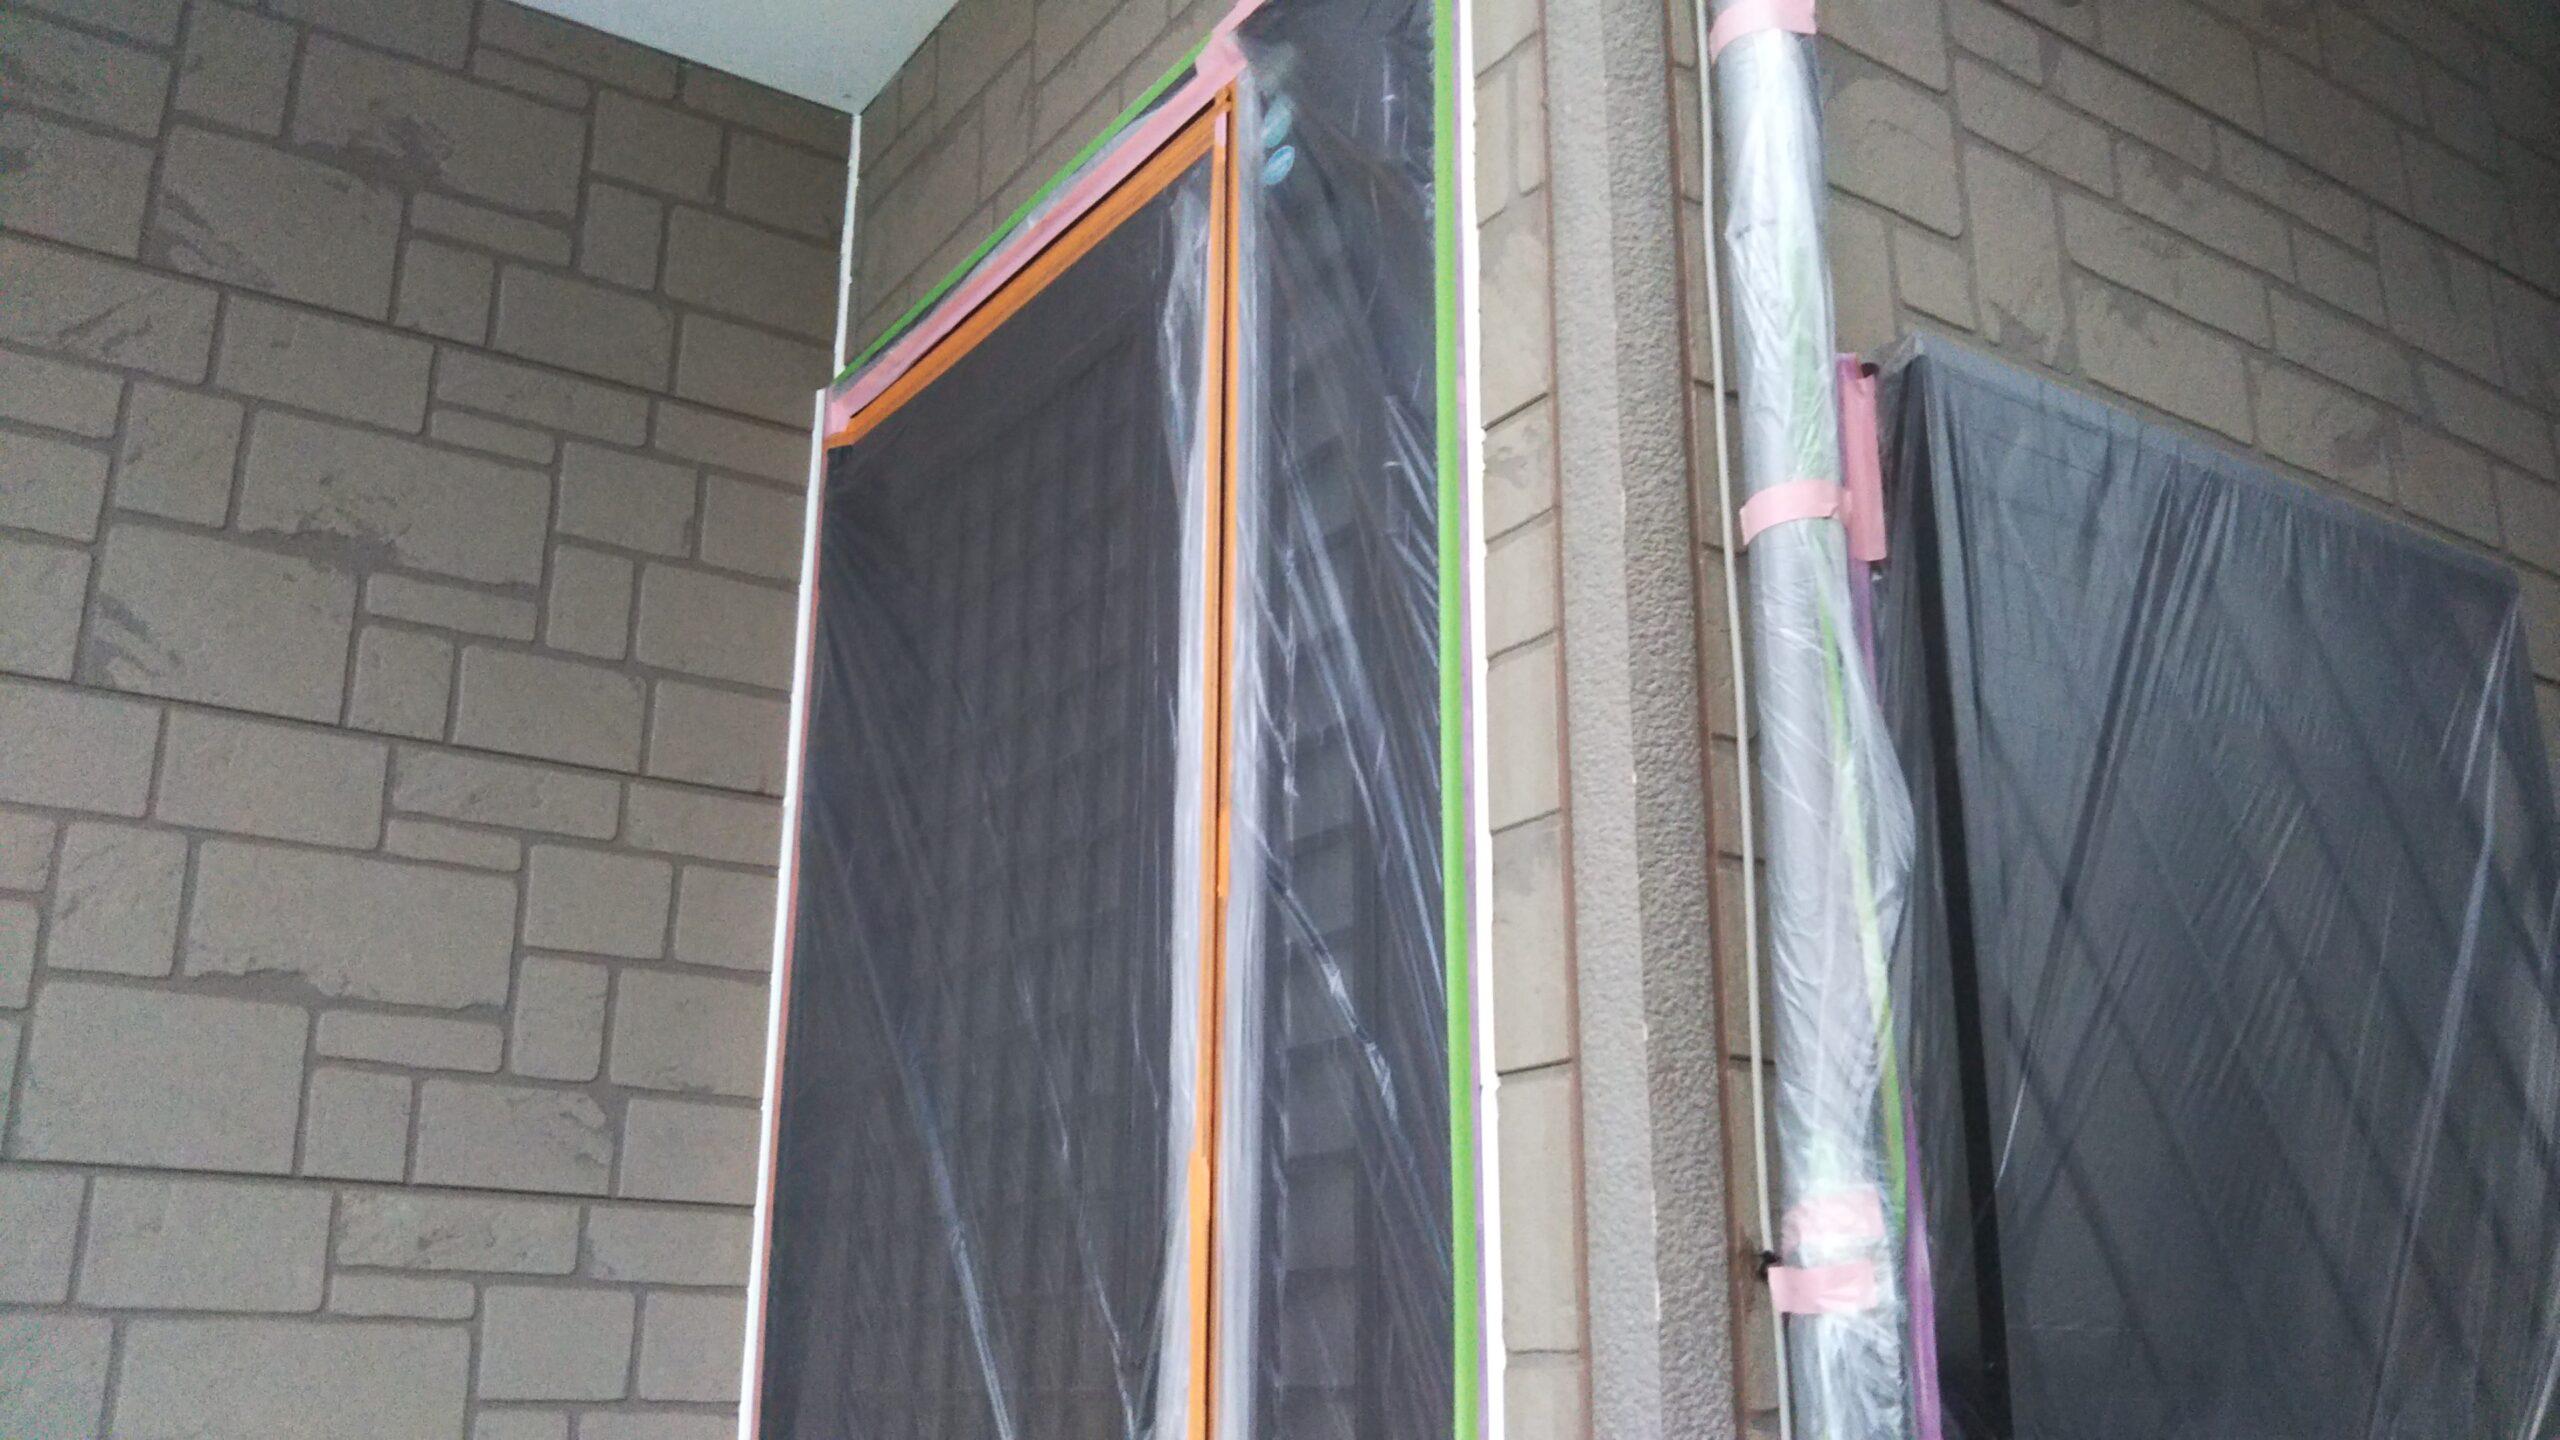 埼玉県さいたま市西区のK様邸(木造2階建て)にてコーキングの打ち替え・屋根塗装・養生